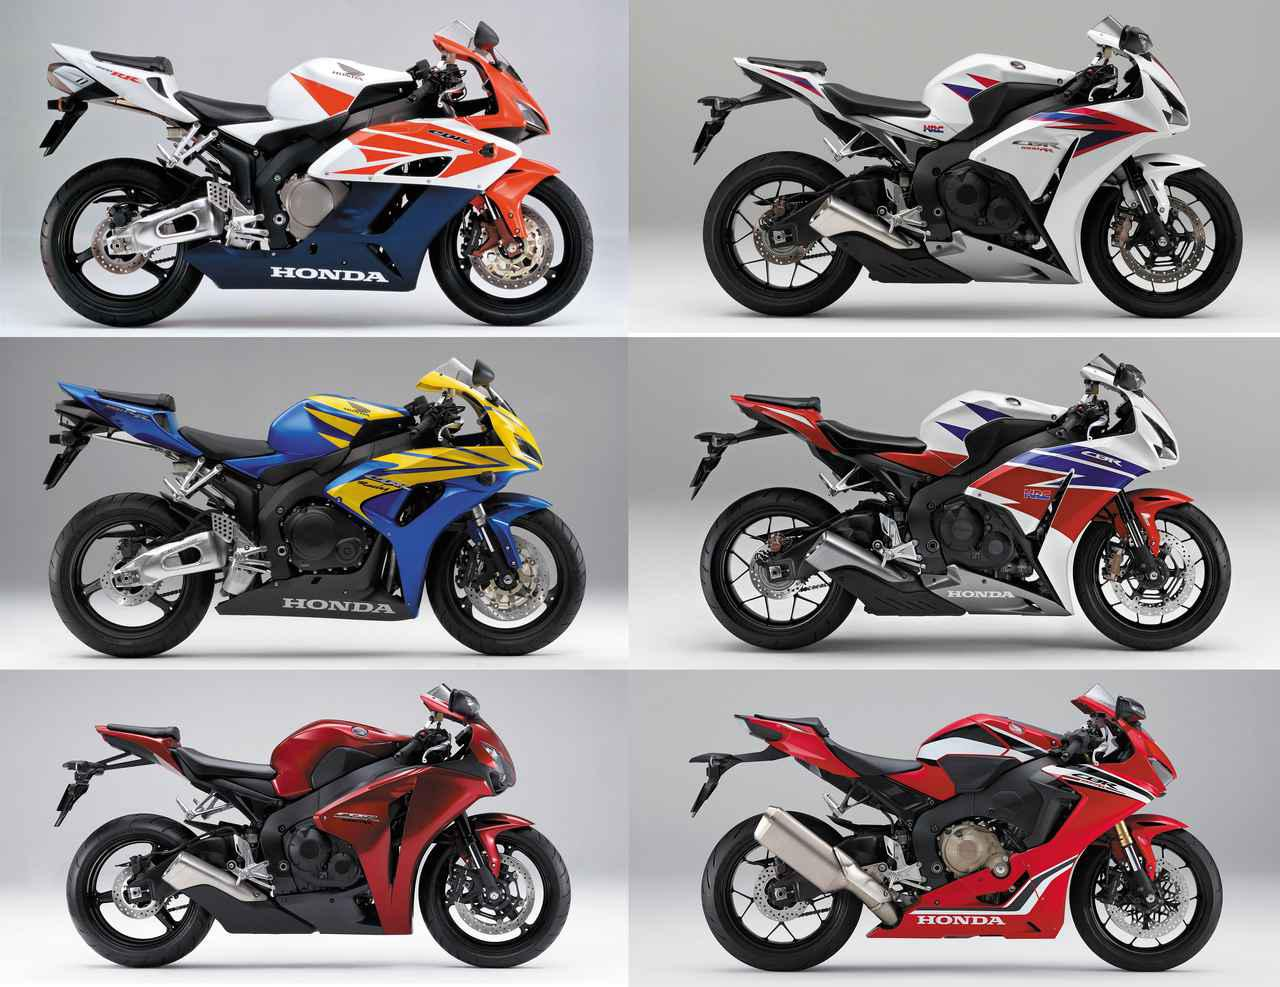 画像: 【名車の歴史】ホンダ「CBR1000RR」から「CBR1000RR-R FIREBLADE」へ - webオートバイ